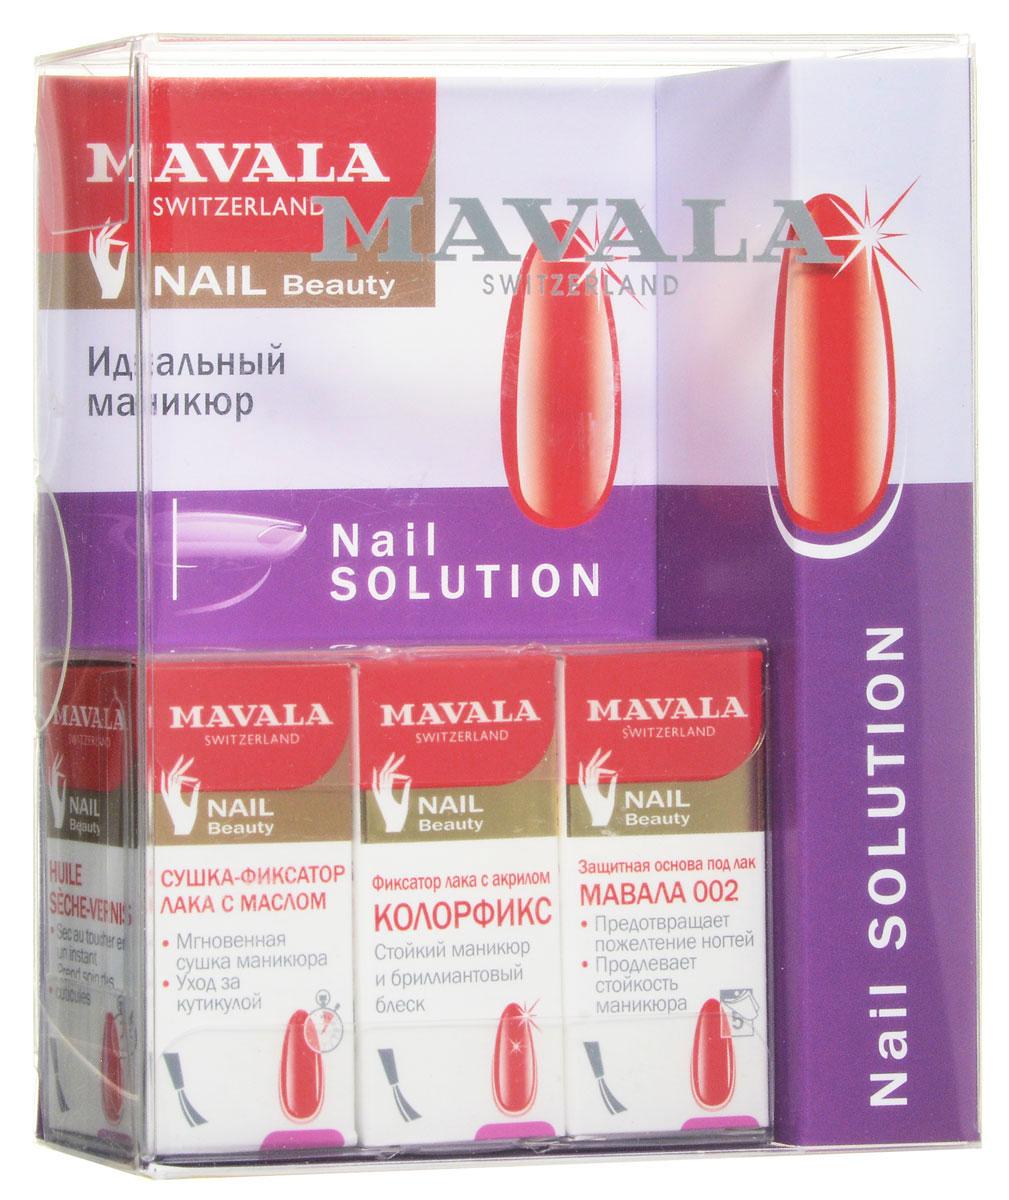 Mavala Набор для ногтей Идеальный маникюр: защитная основа под лак, фиксатор лака с акрилом, сушка-фиксатор лака с акрилом, 3х5 мл